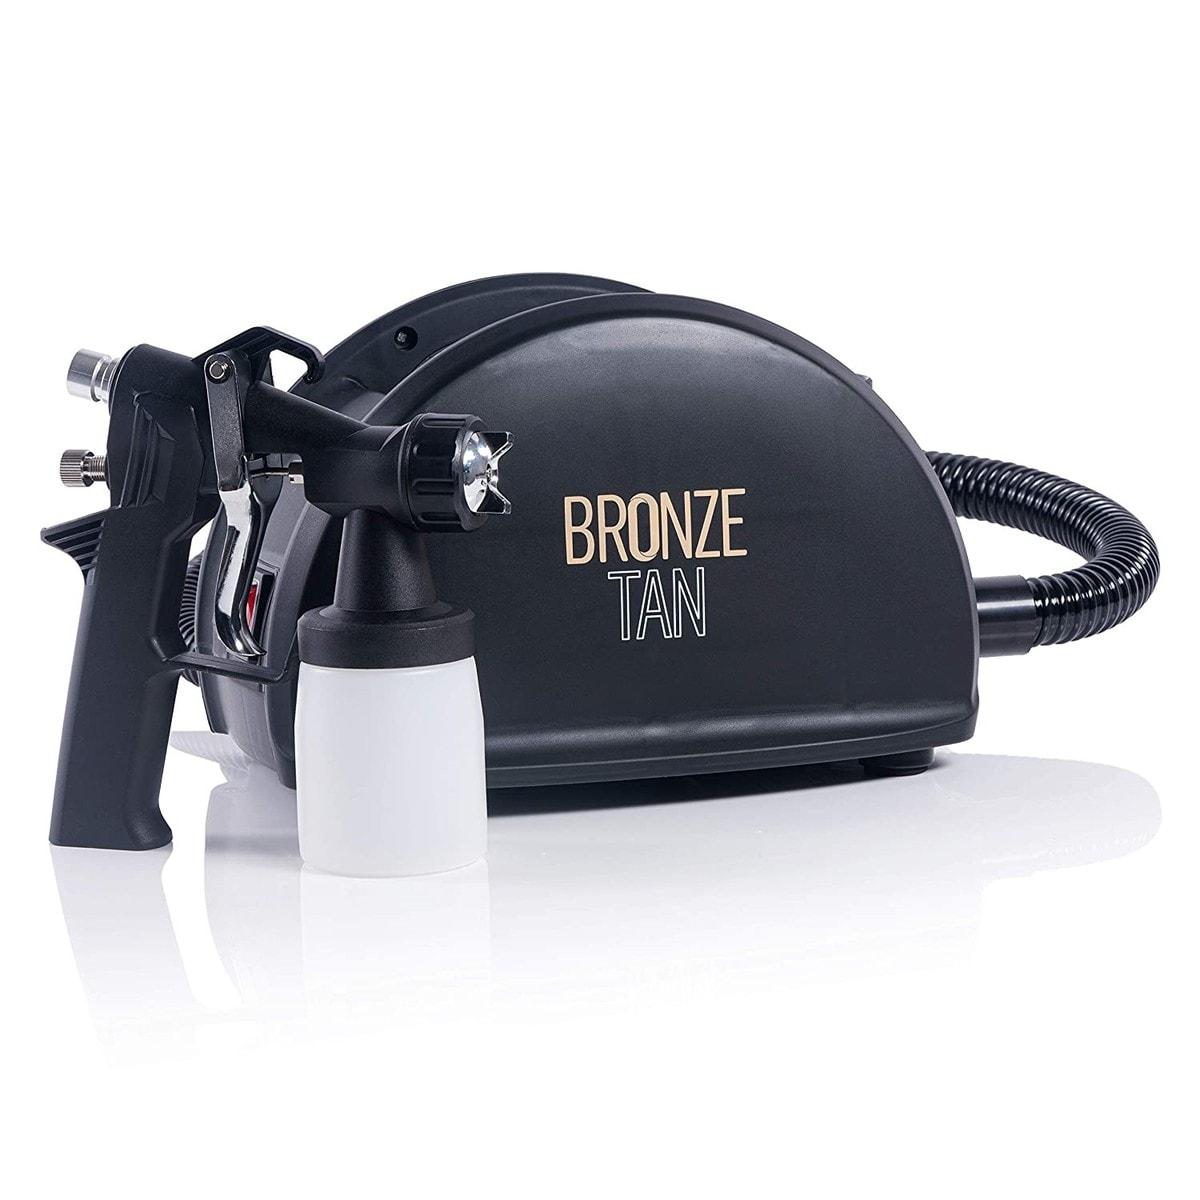 Bronze Tan Spray Tan Machine